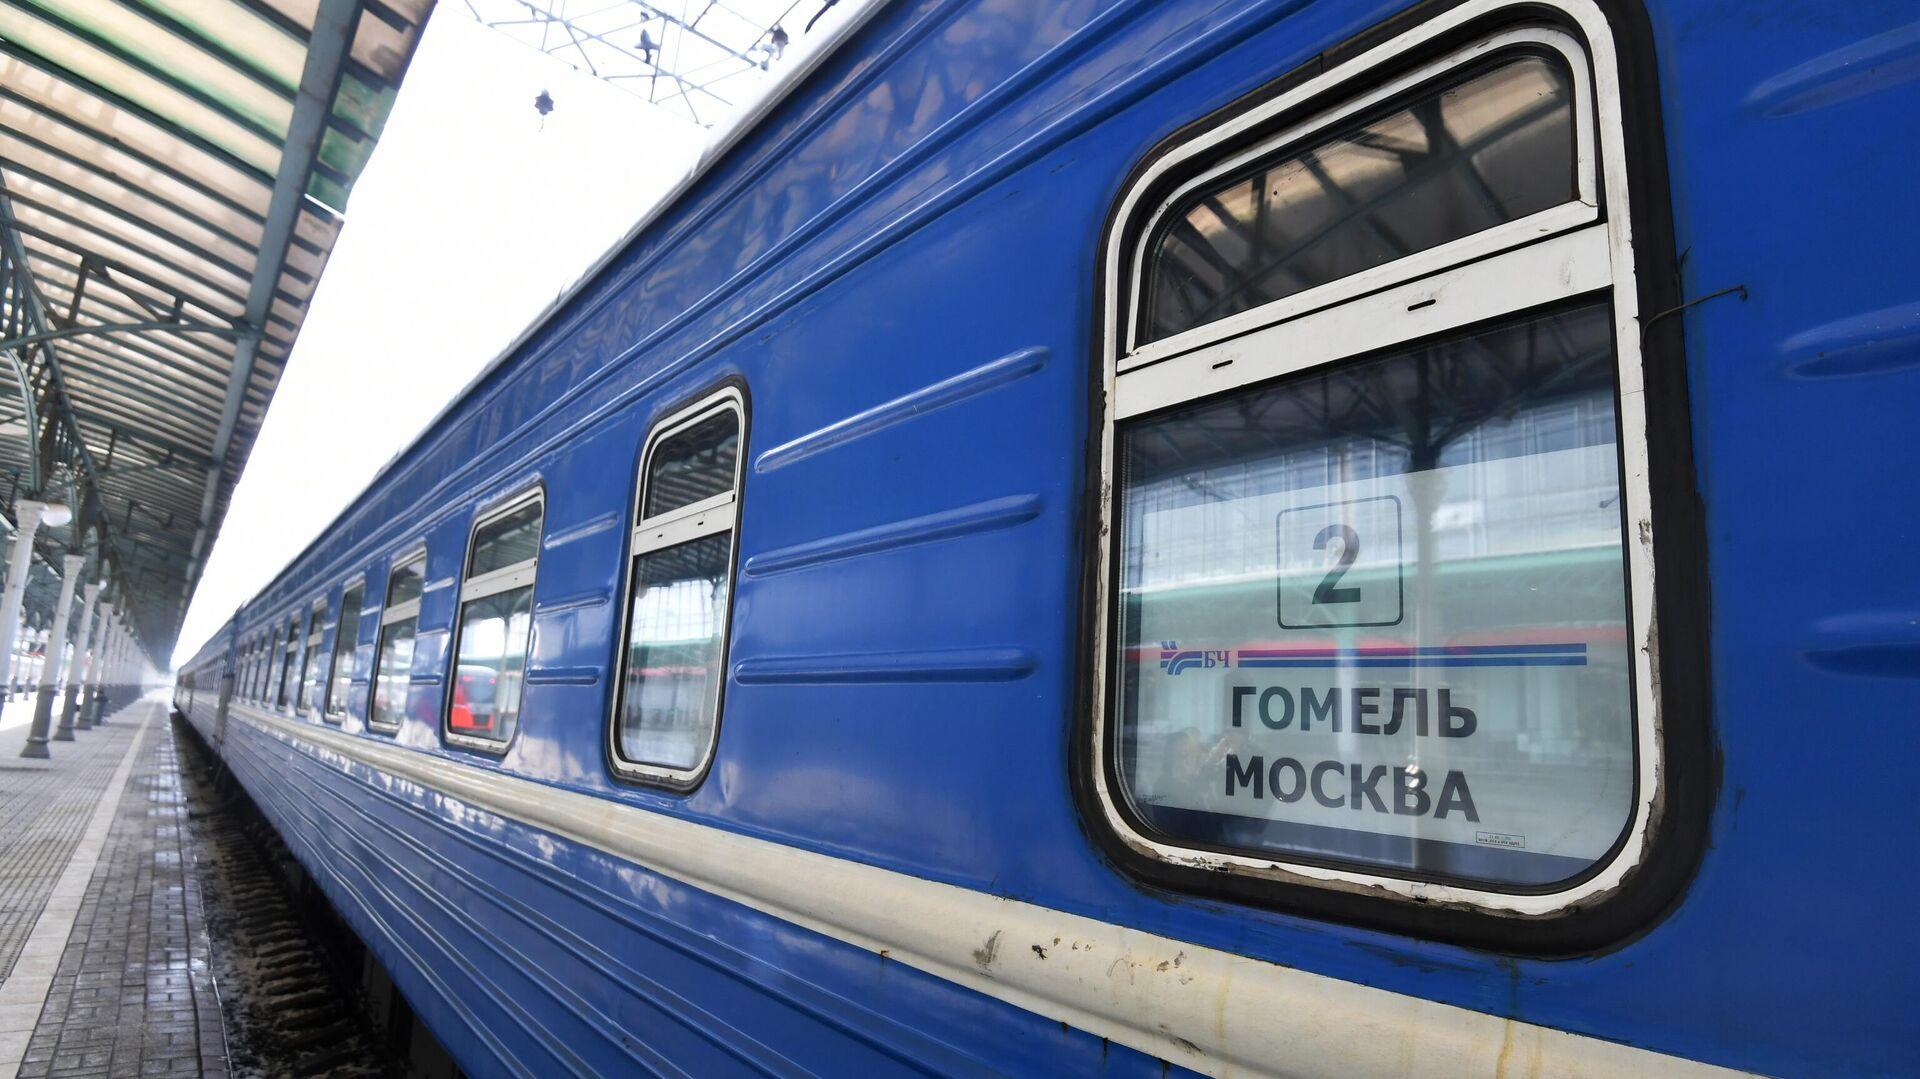 Поезд Москва — Гомель на Белорусском вокзале в Москв - РИА Новости, 1920, 11.09.2020